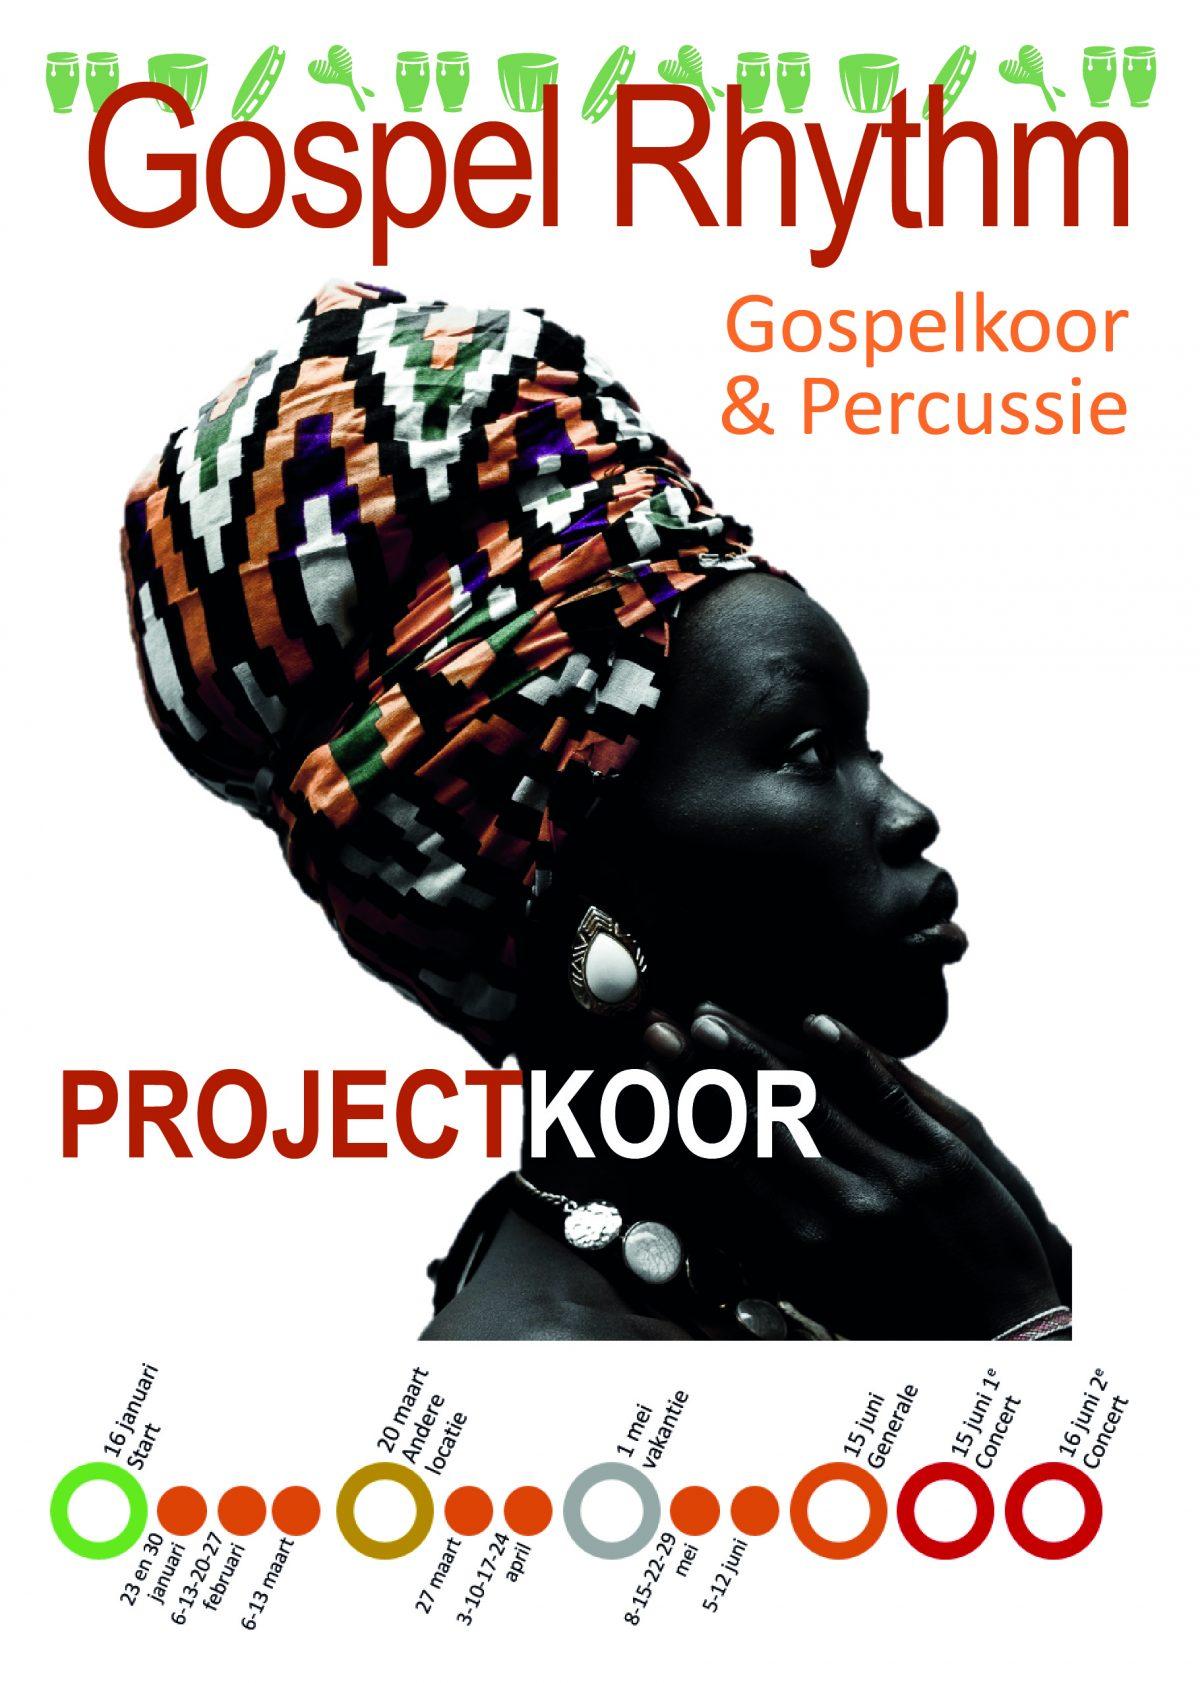 Flyer van het projectkoor